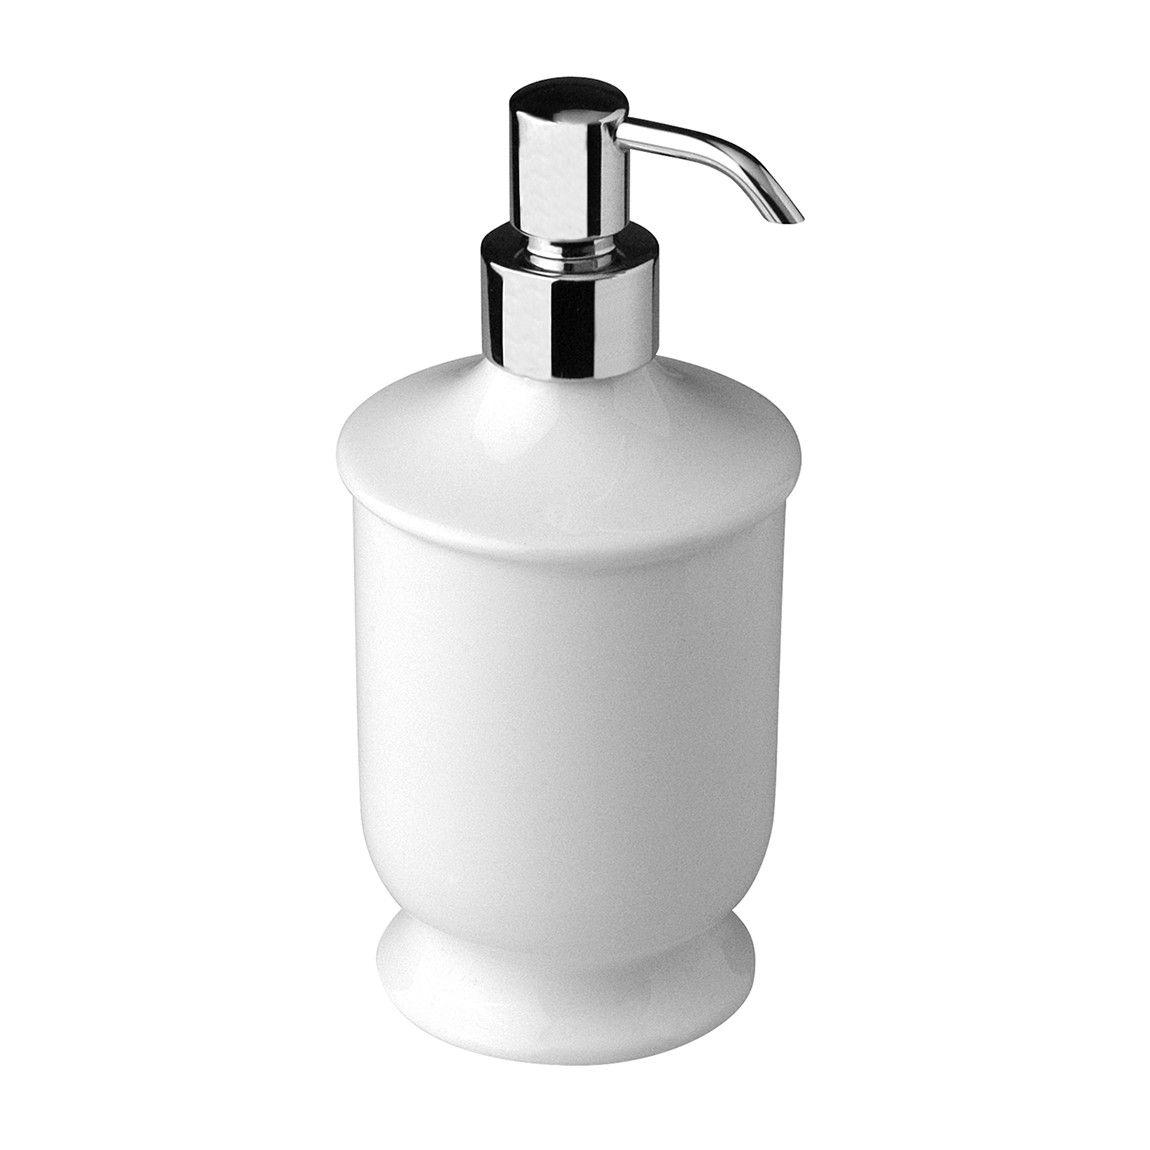 Дозатор для жидкого мыла Nicolazzi Classica d'appoggio 6006 ФОТО